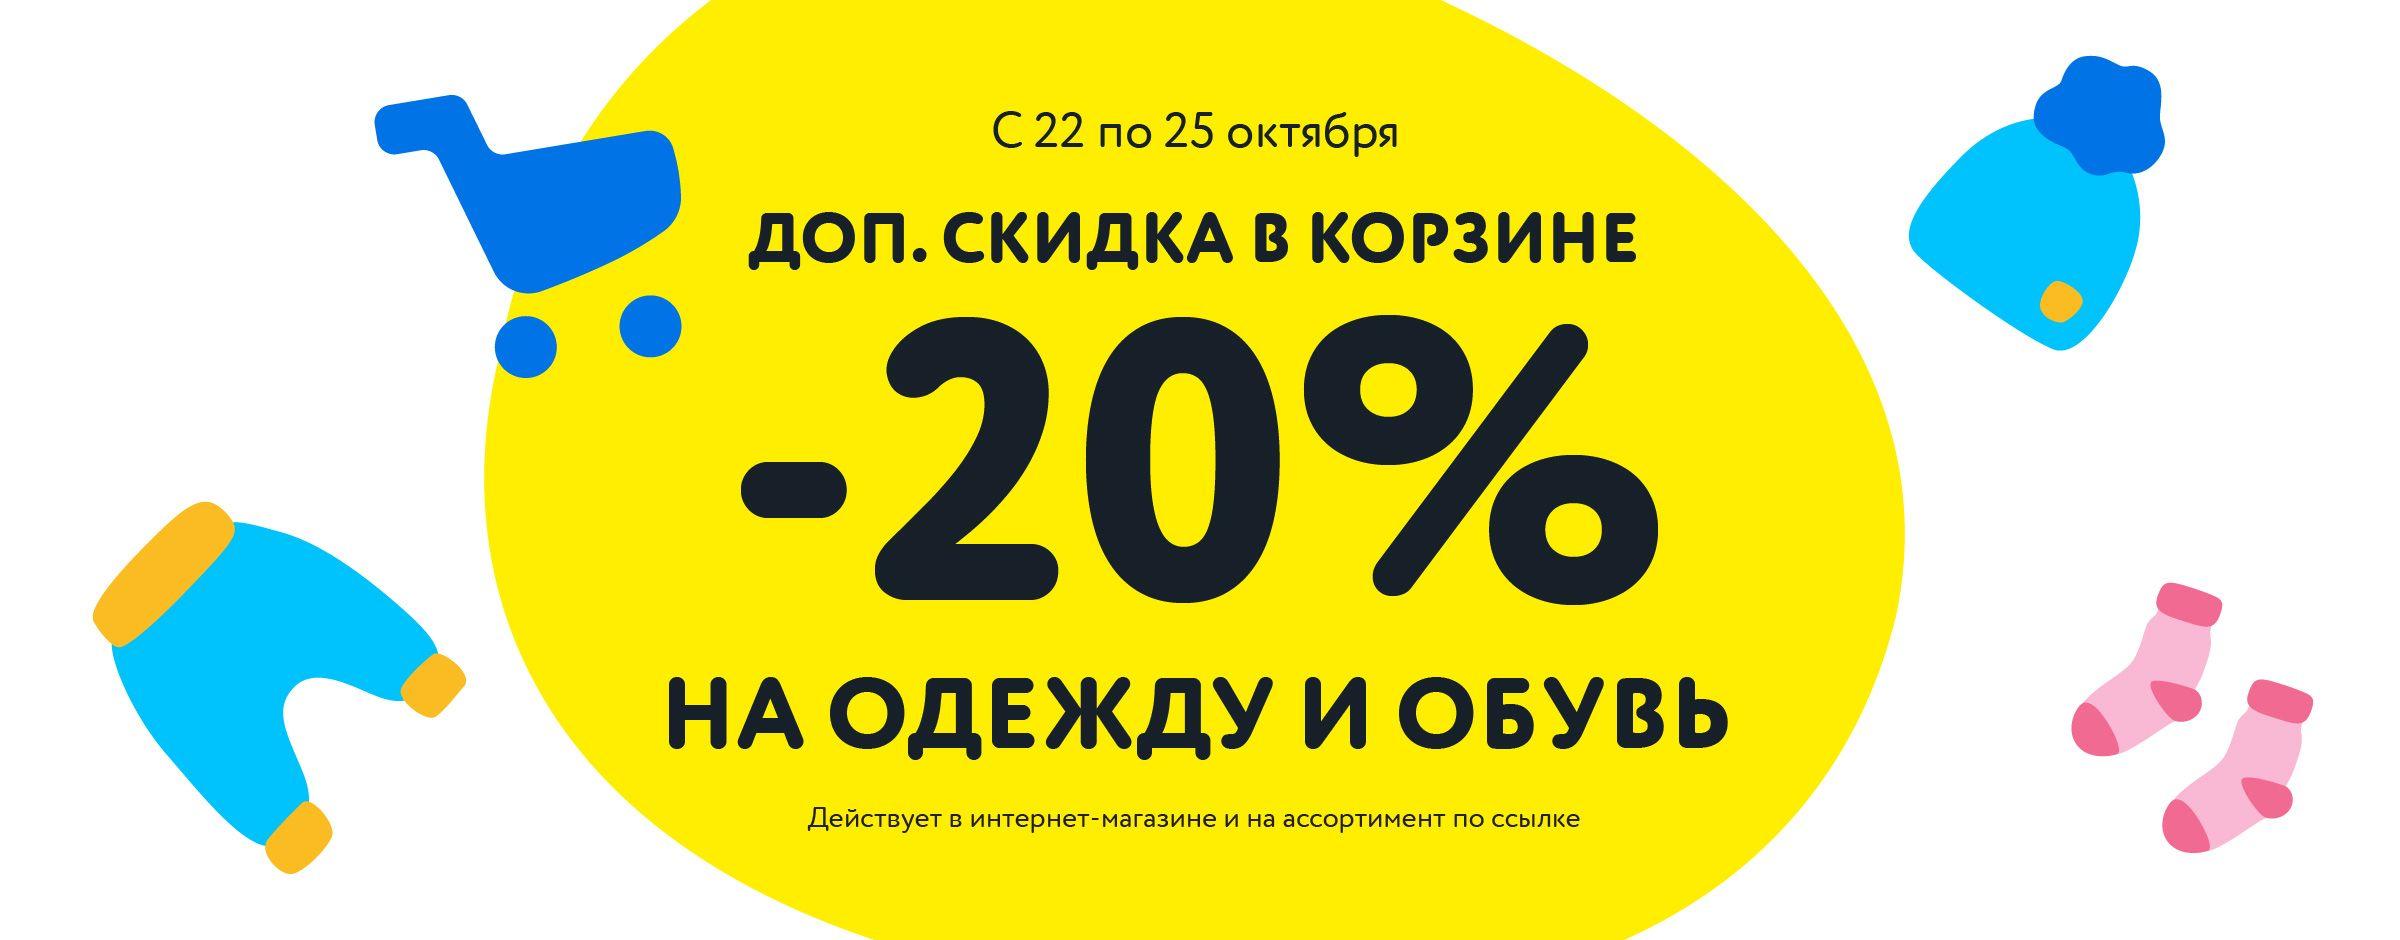 Доп 20% на одежду и обувь в корзине